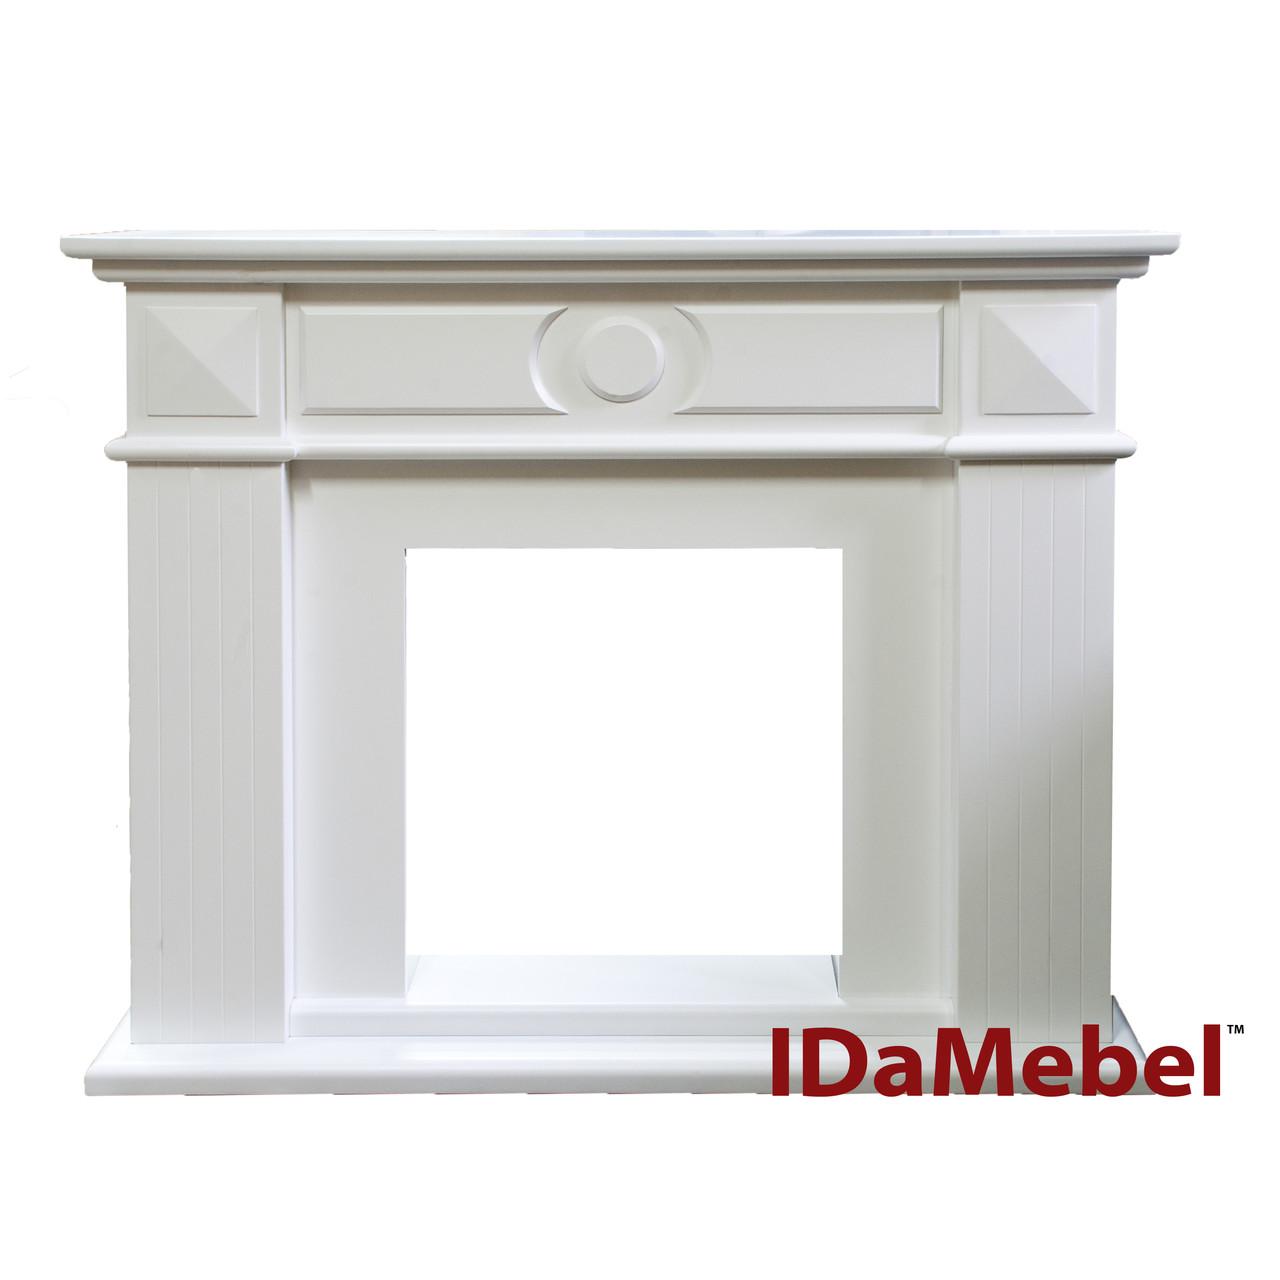 Портал IDaMebel Varadero